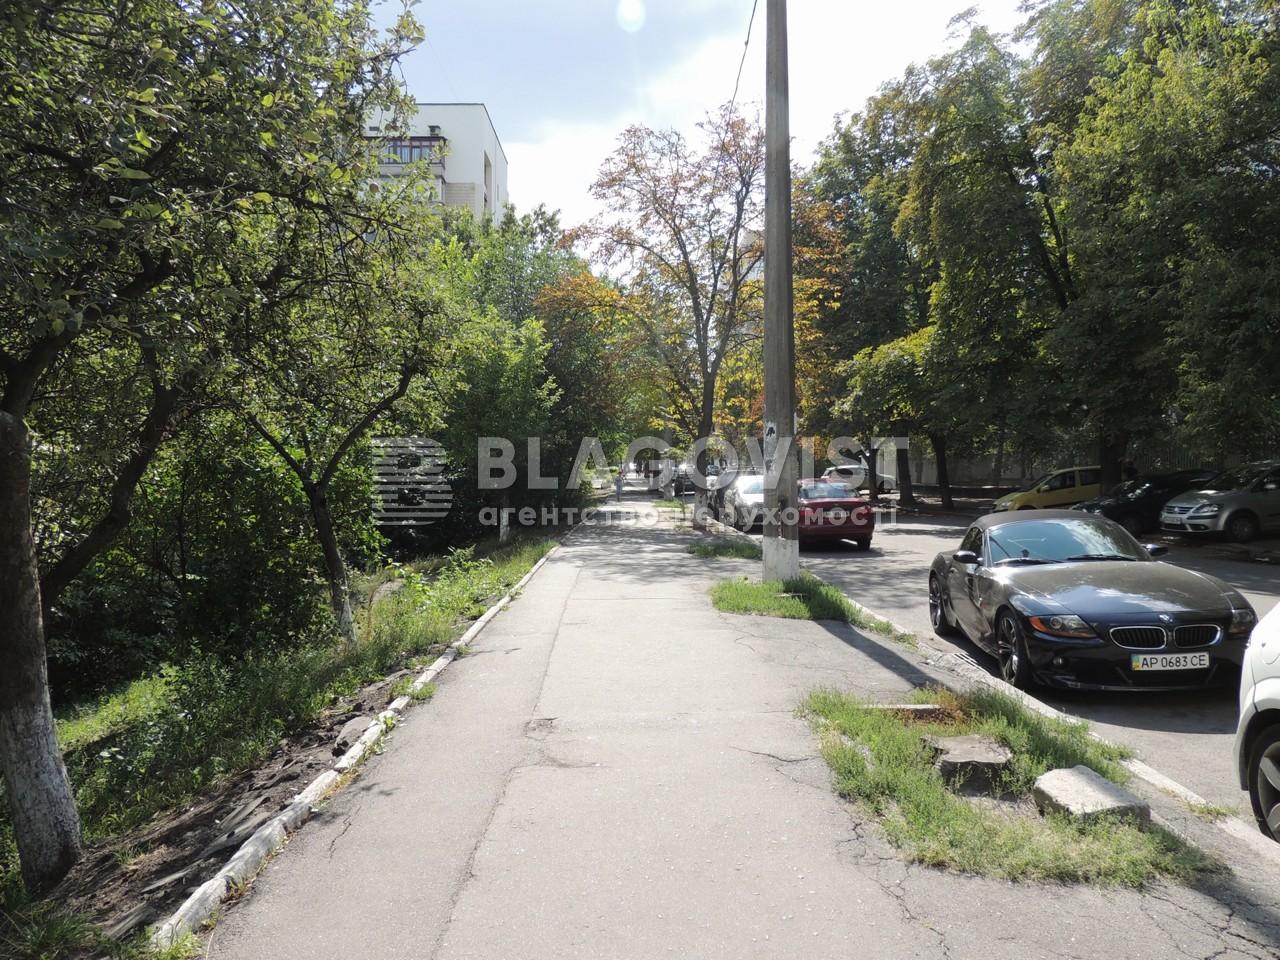 Квартира C-101736, Виноградный пер., 6, Киев - Фото 22